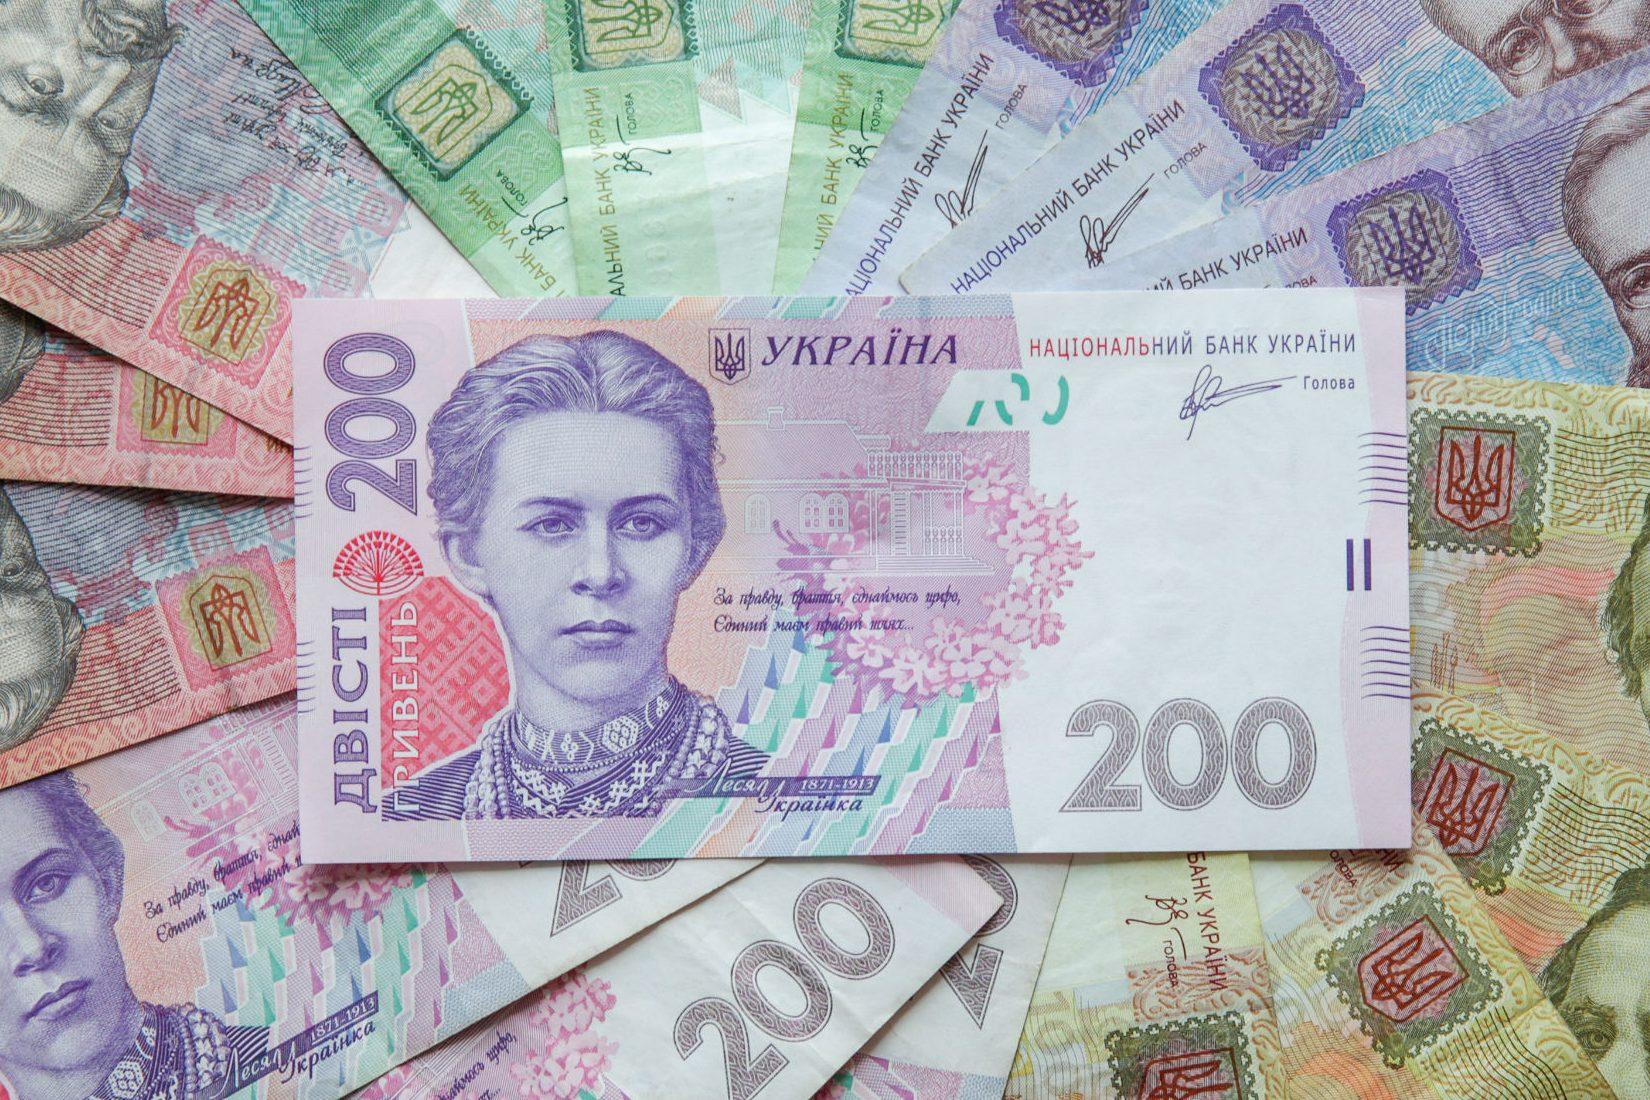 быстрый займ онлайн на карту украина